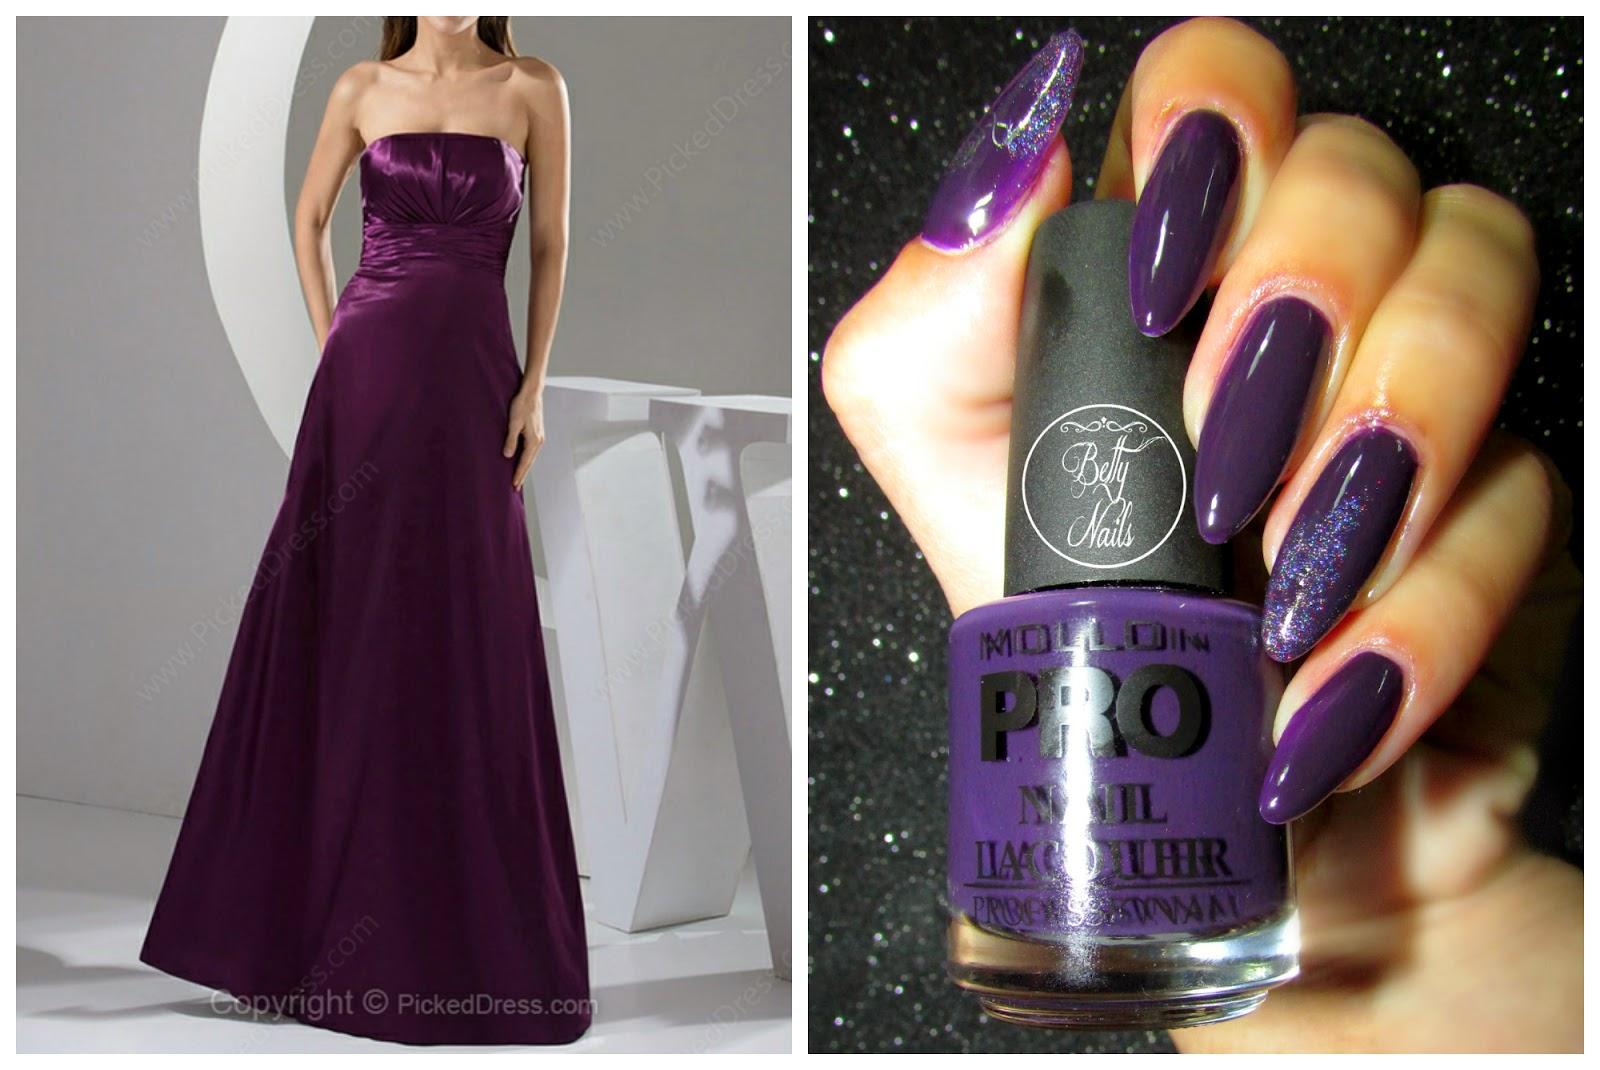 Betty Nails: Fashion November - bridesmaid dresses australia #3